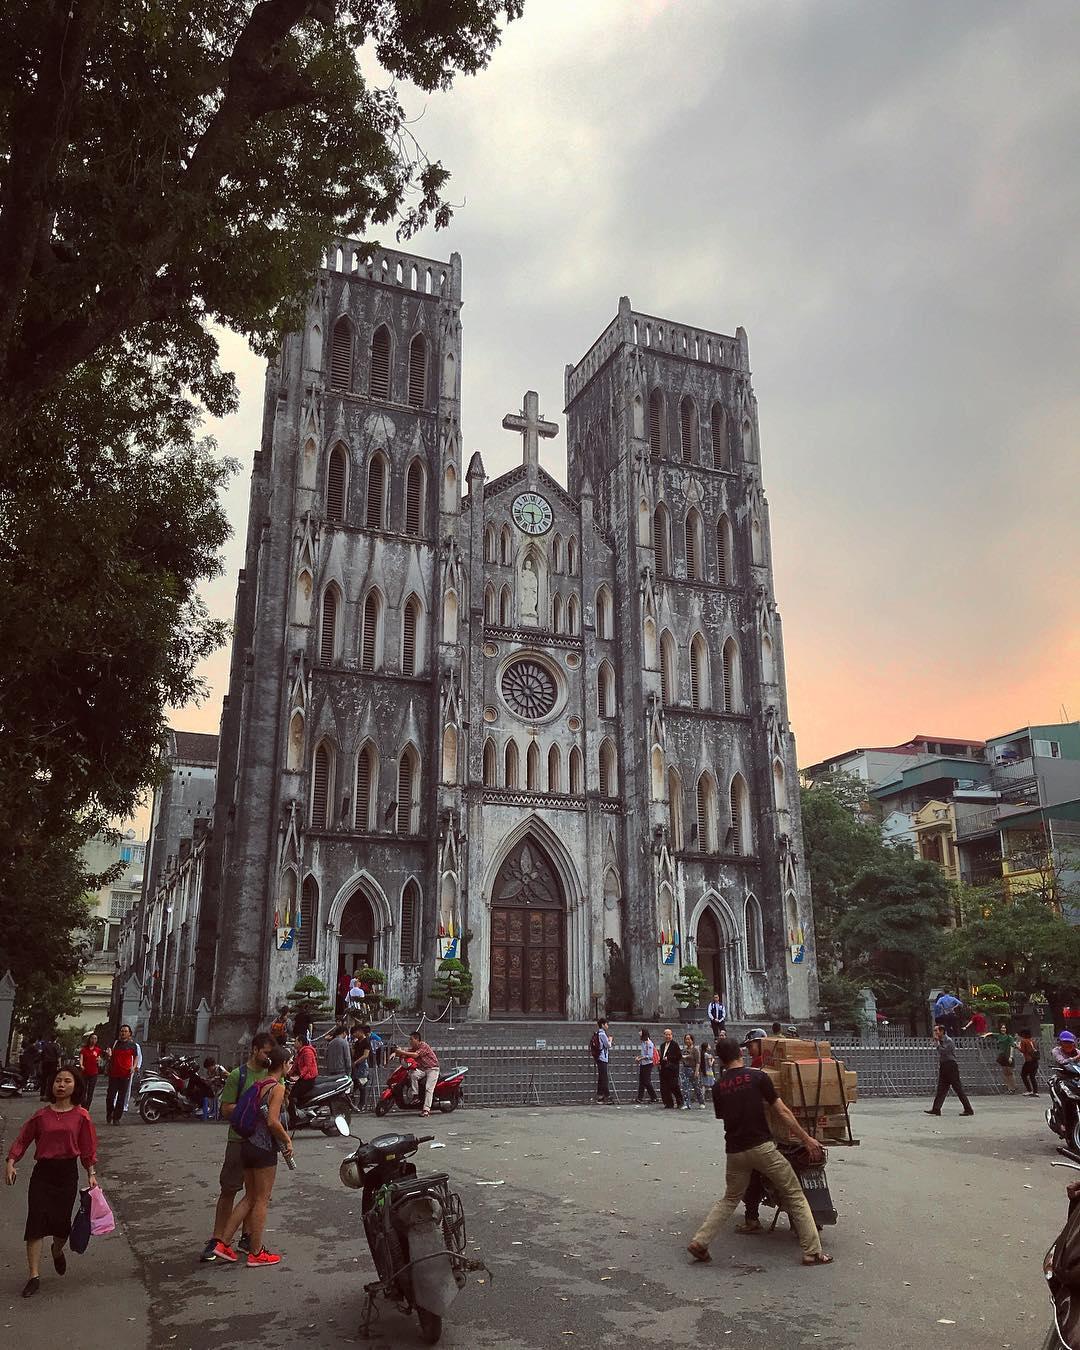 Nhà thờ Lớn Hà Nội luôn tấp nập du khách tới tham quan và vui chơi